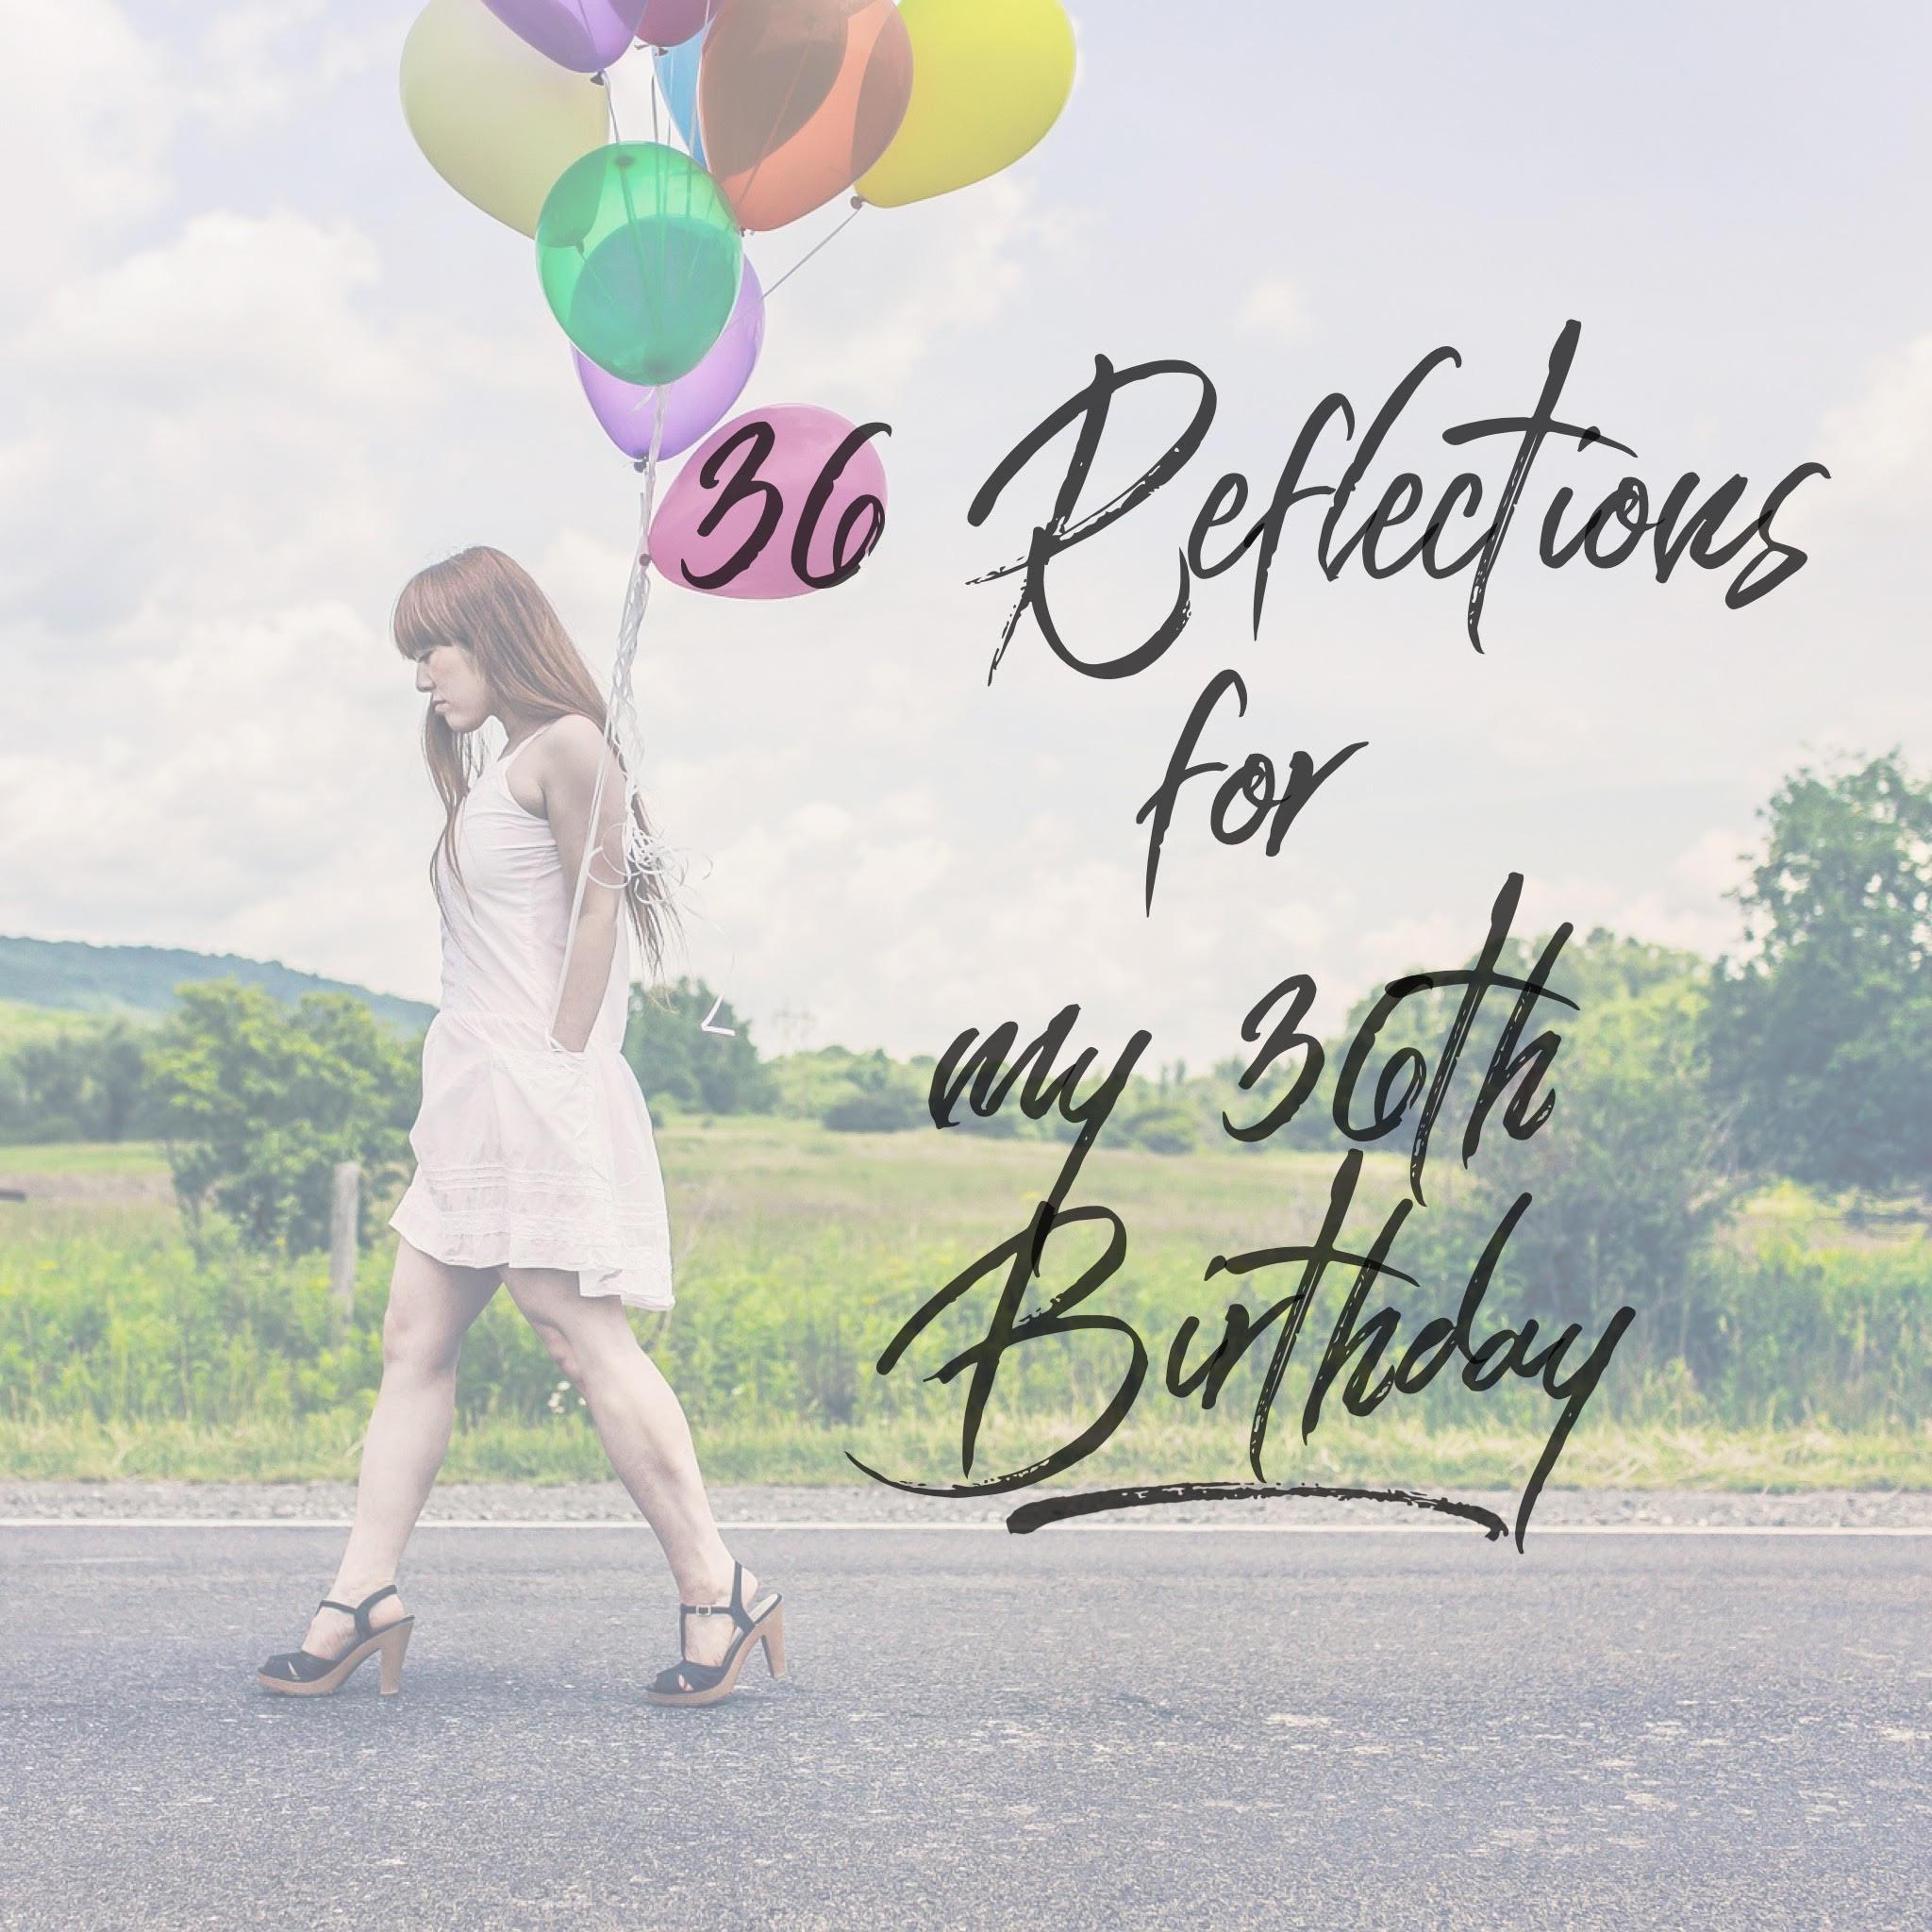 36th birthday.jpg